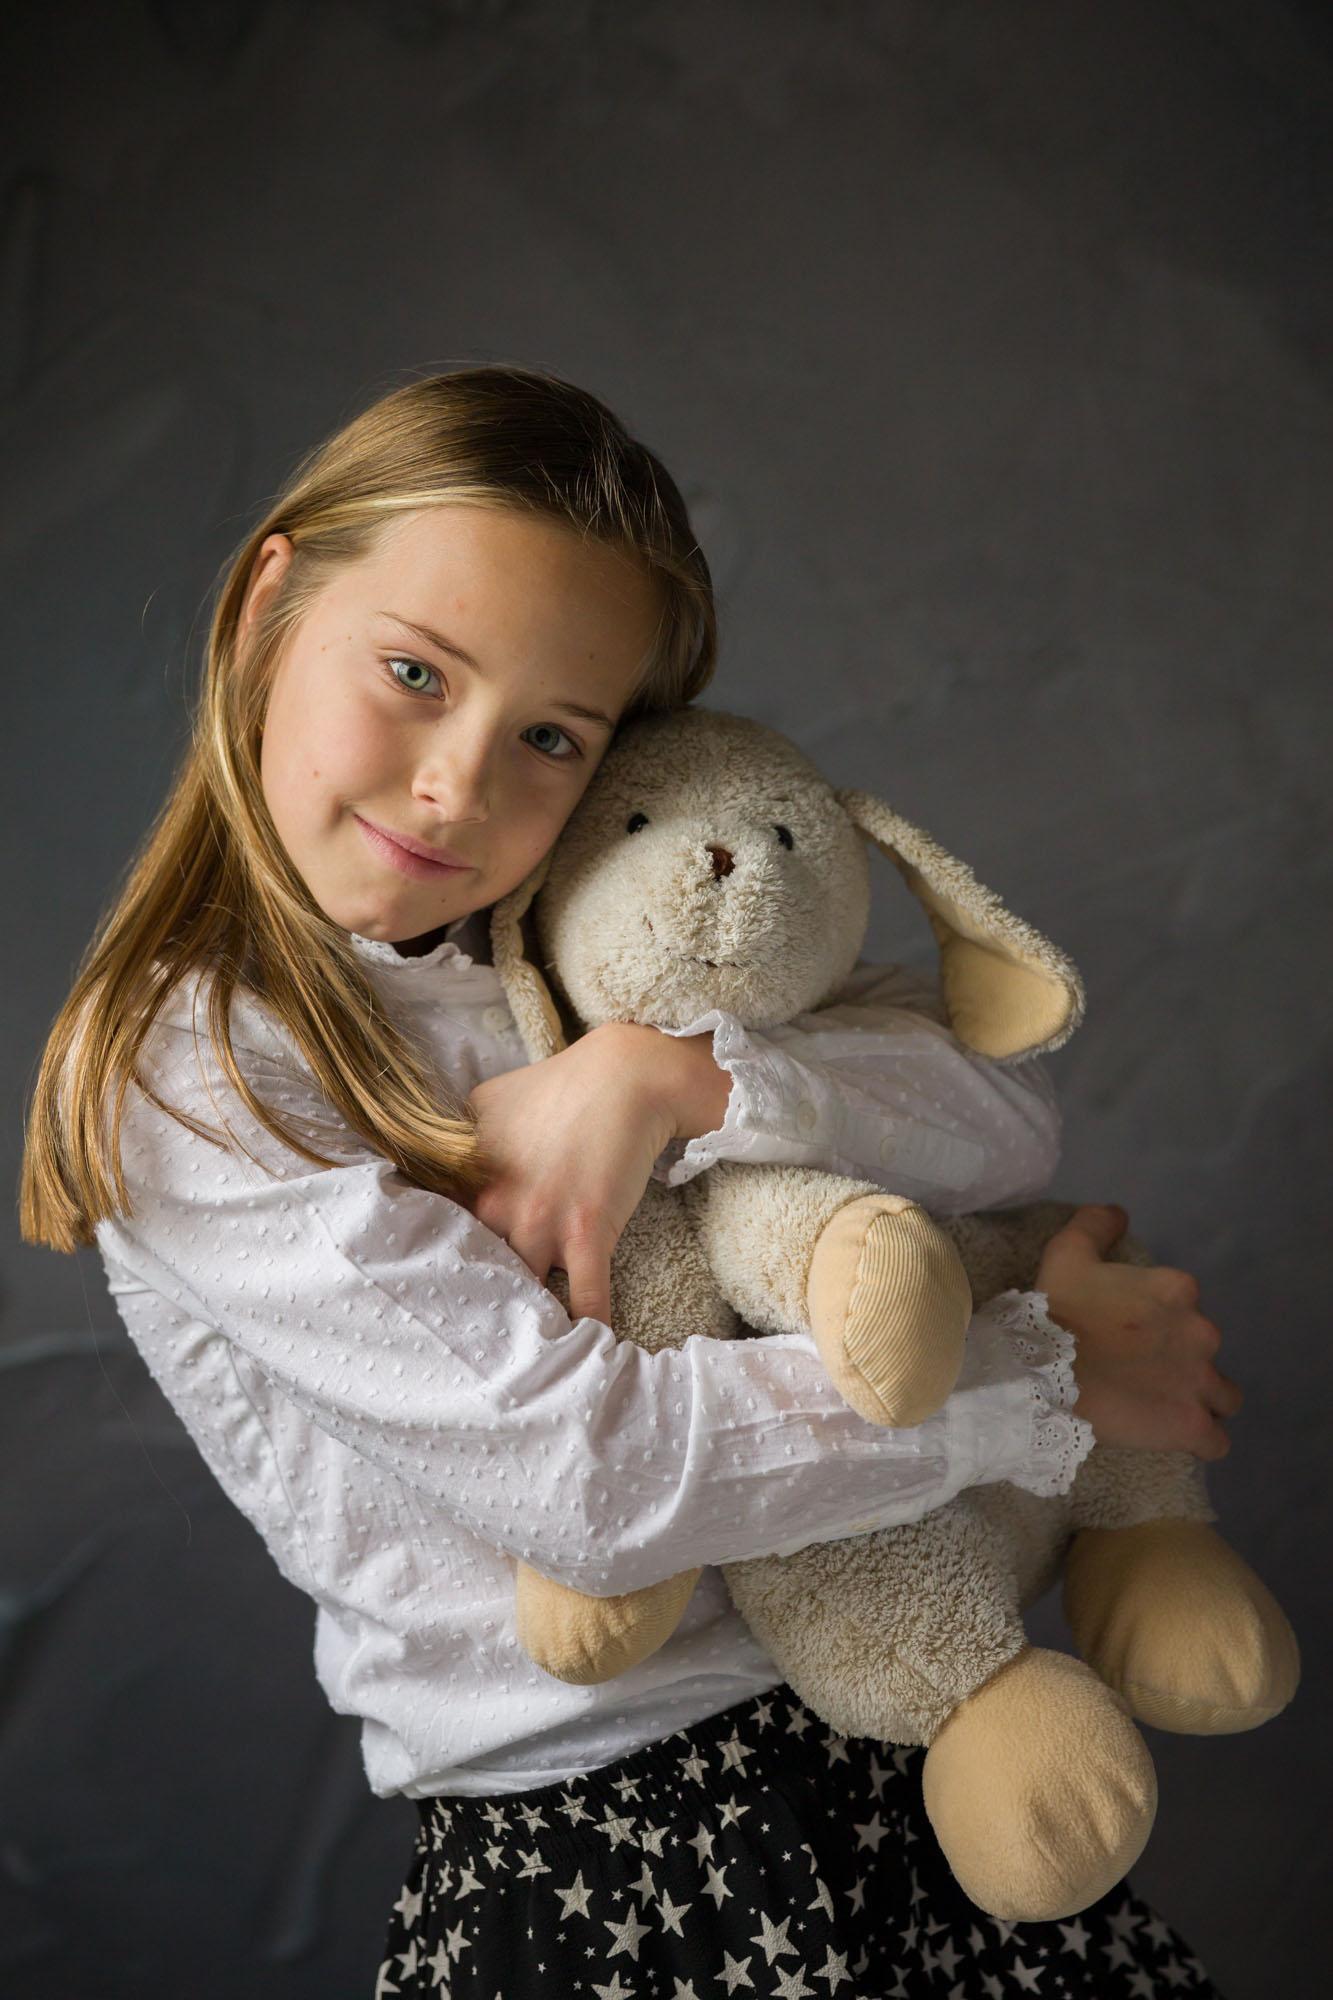 portret van jong meisje met knuffel in studio met natuurlijk licht door MayraFotografie